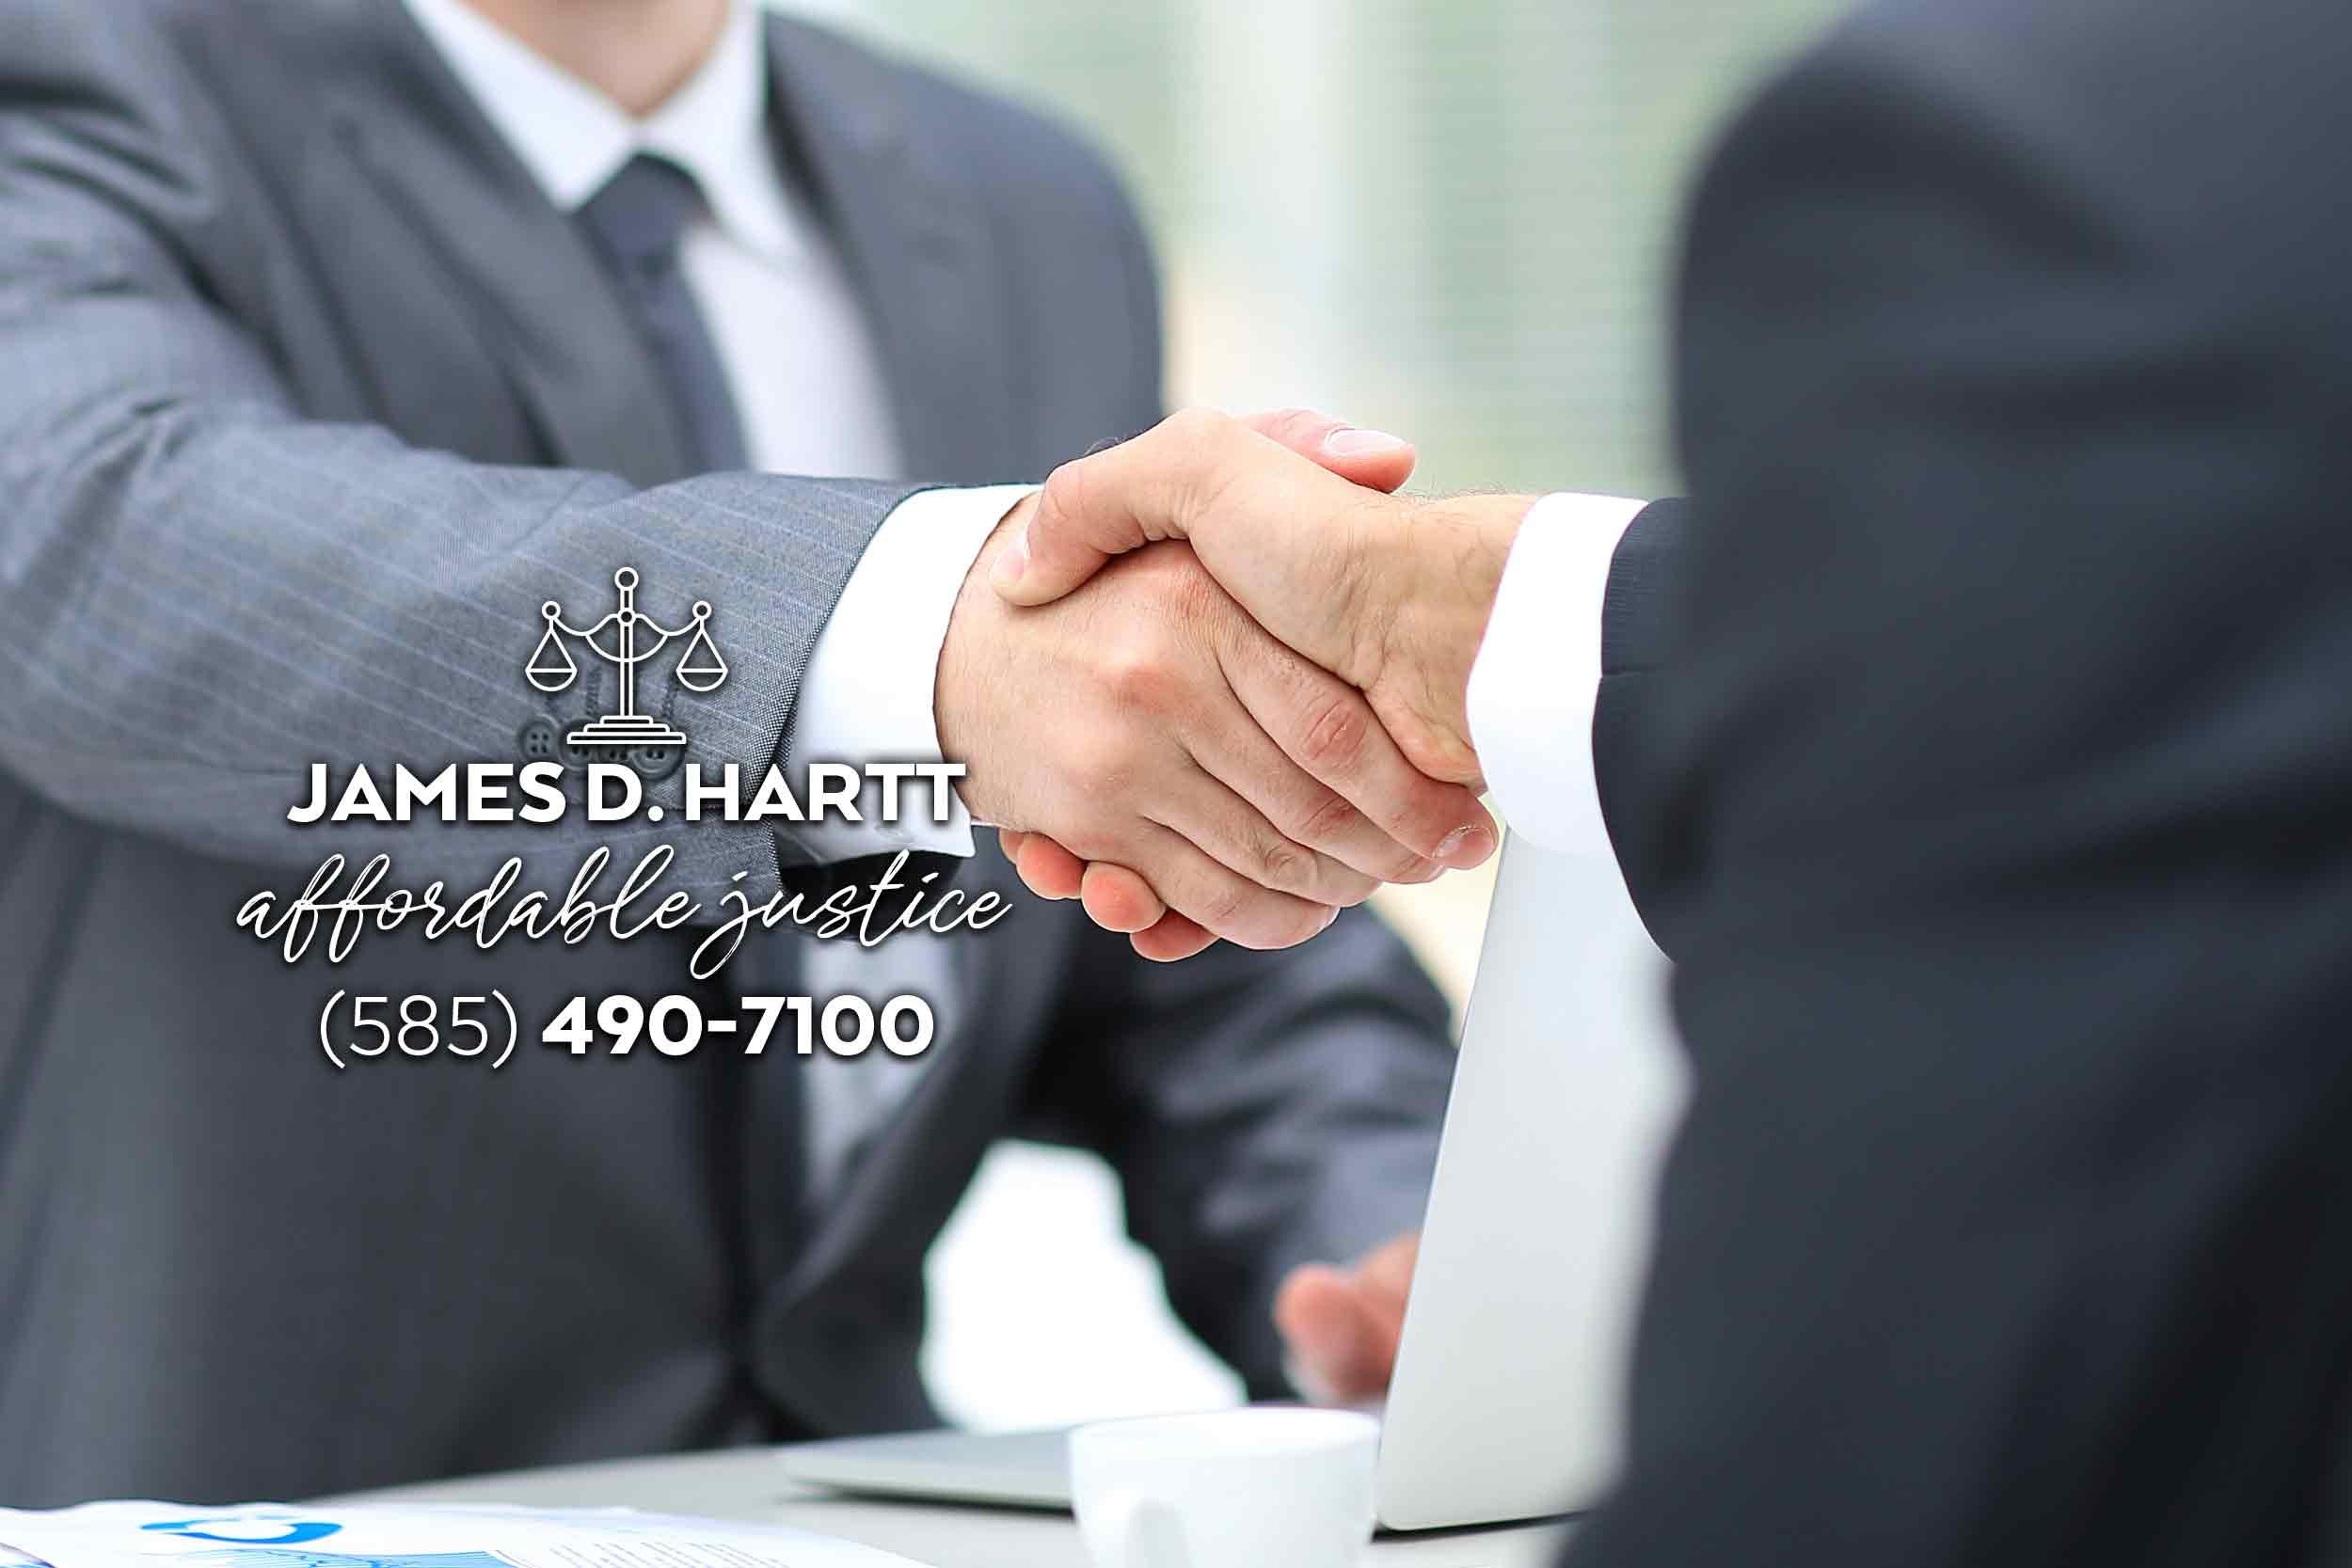 HarttLegal-handshake3.jpg